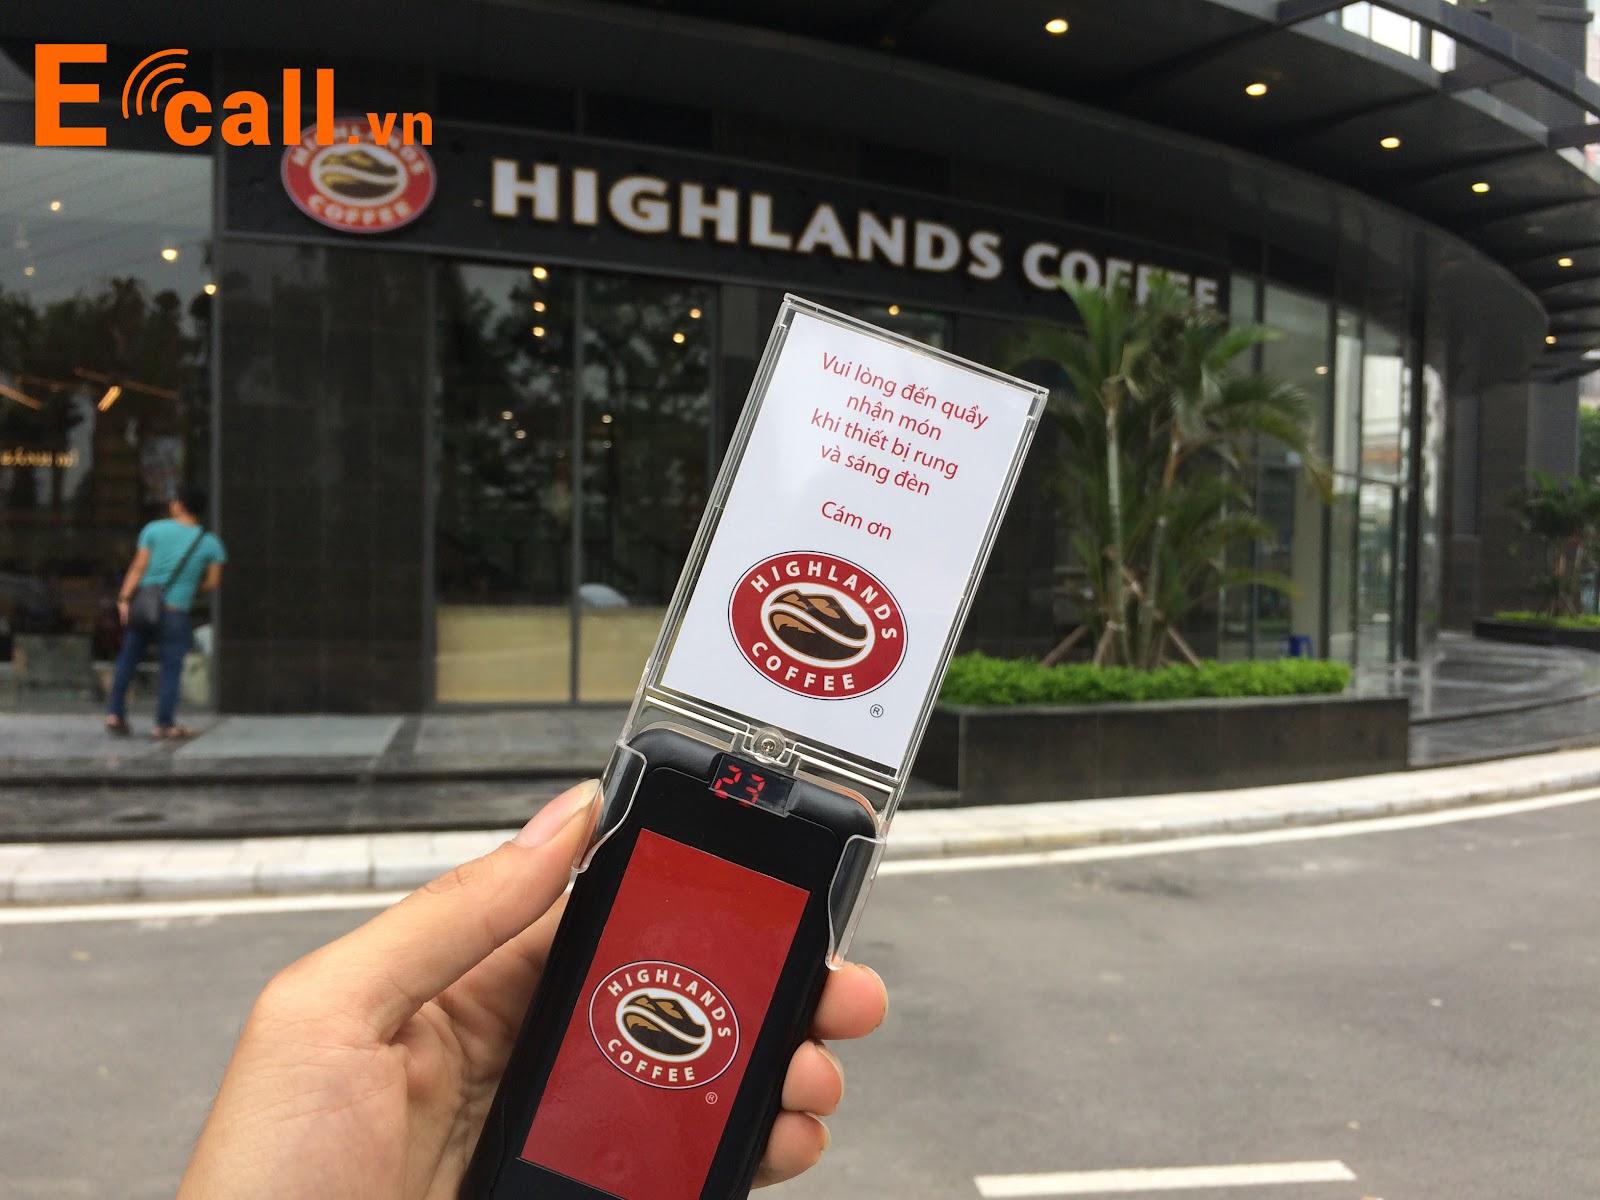 thẻ rung tự phục vụ tại highlands tố hữu